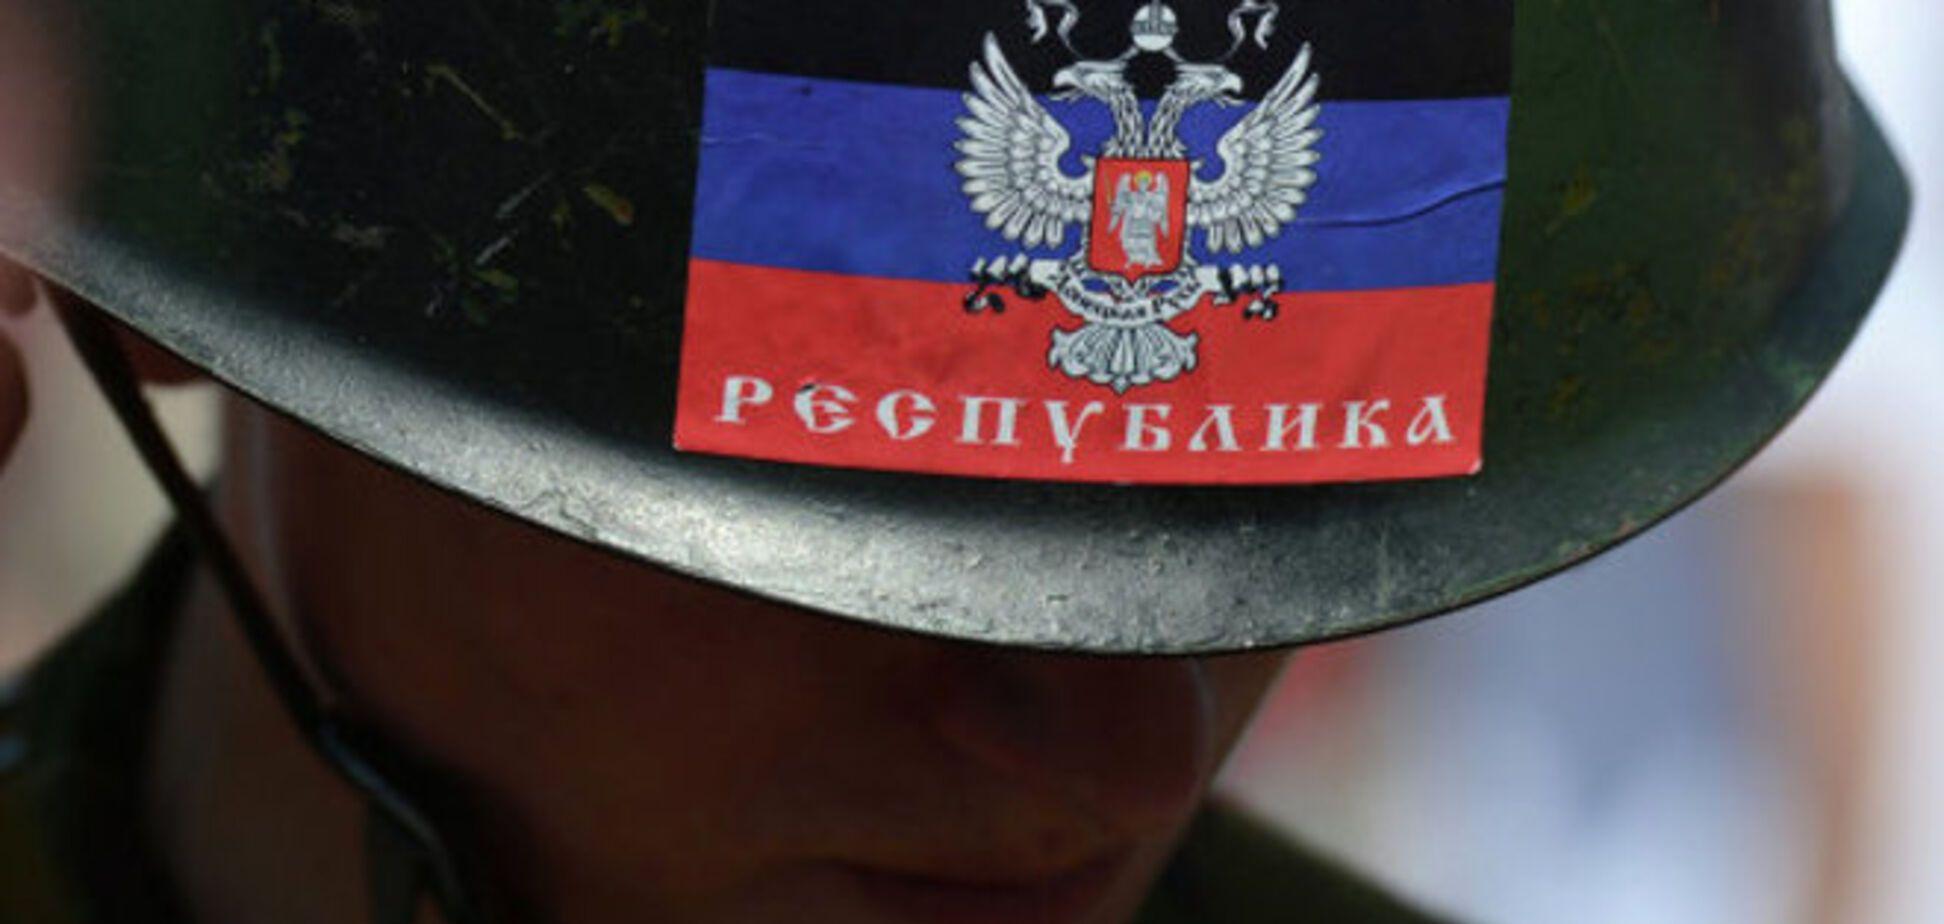 В 'ДНР' уже заявили о новом незаконном бандформировании в Донецке: батальон 'Чечен'